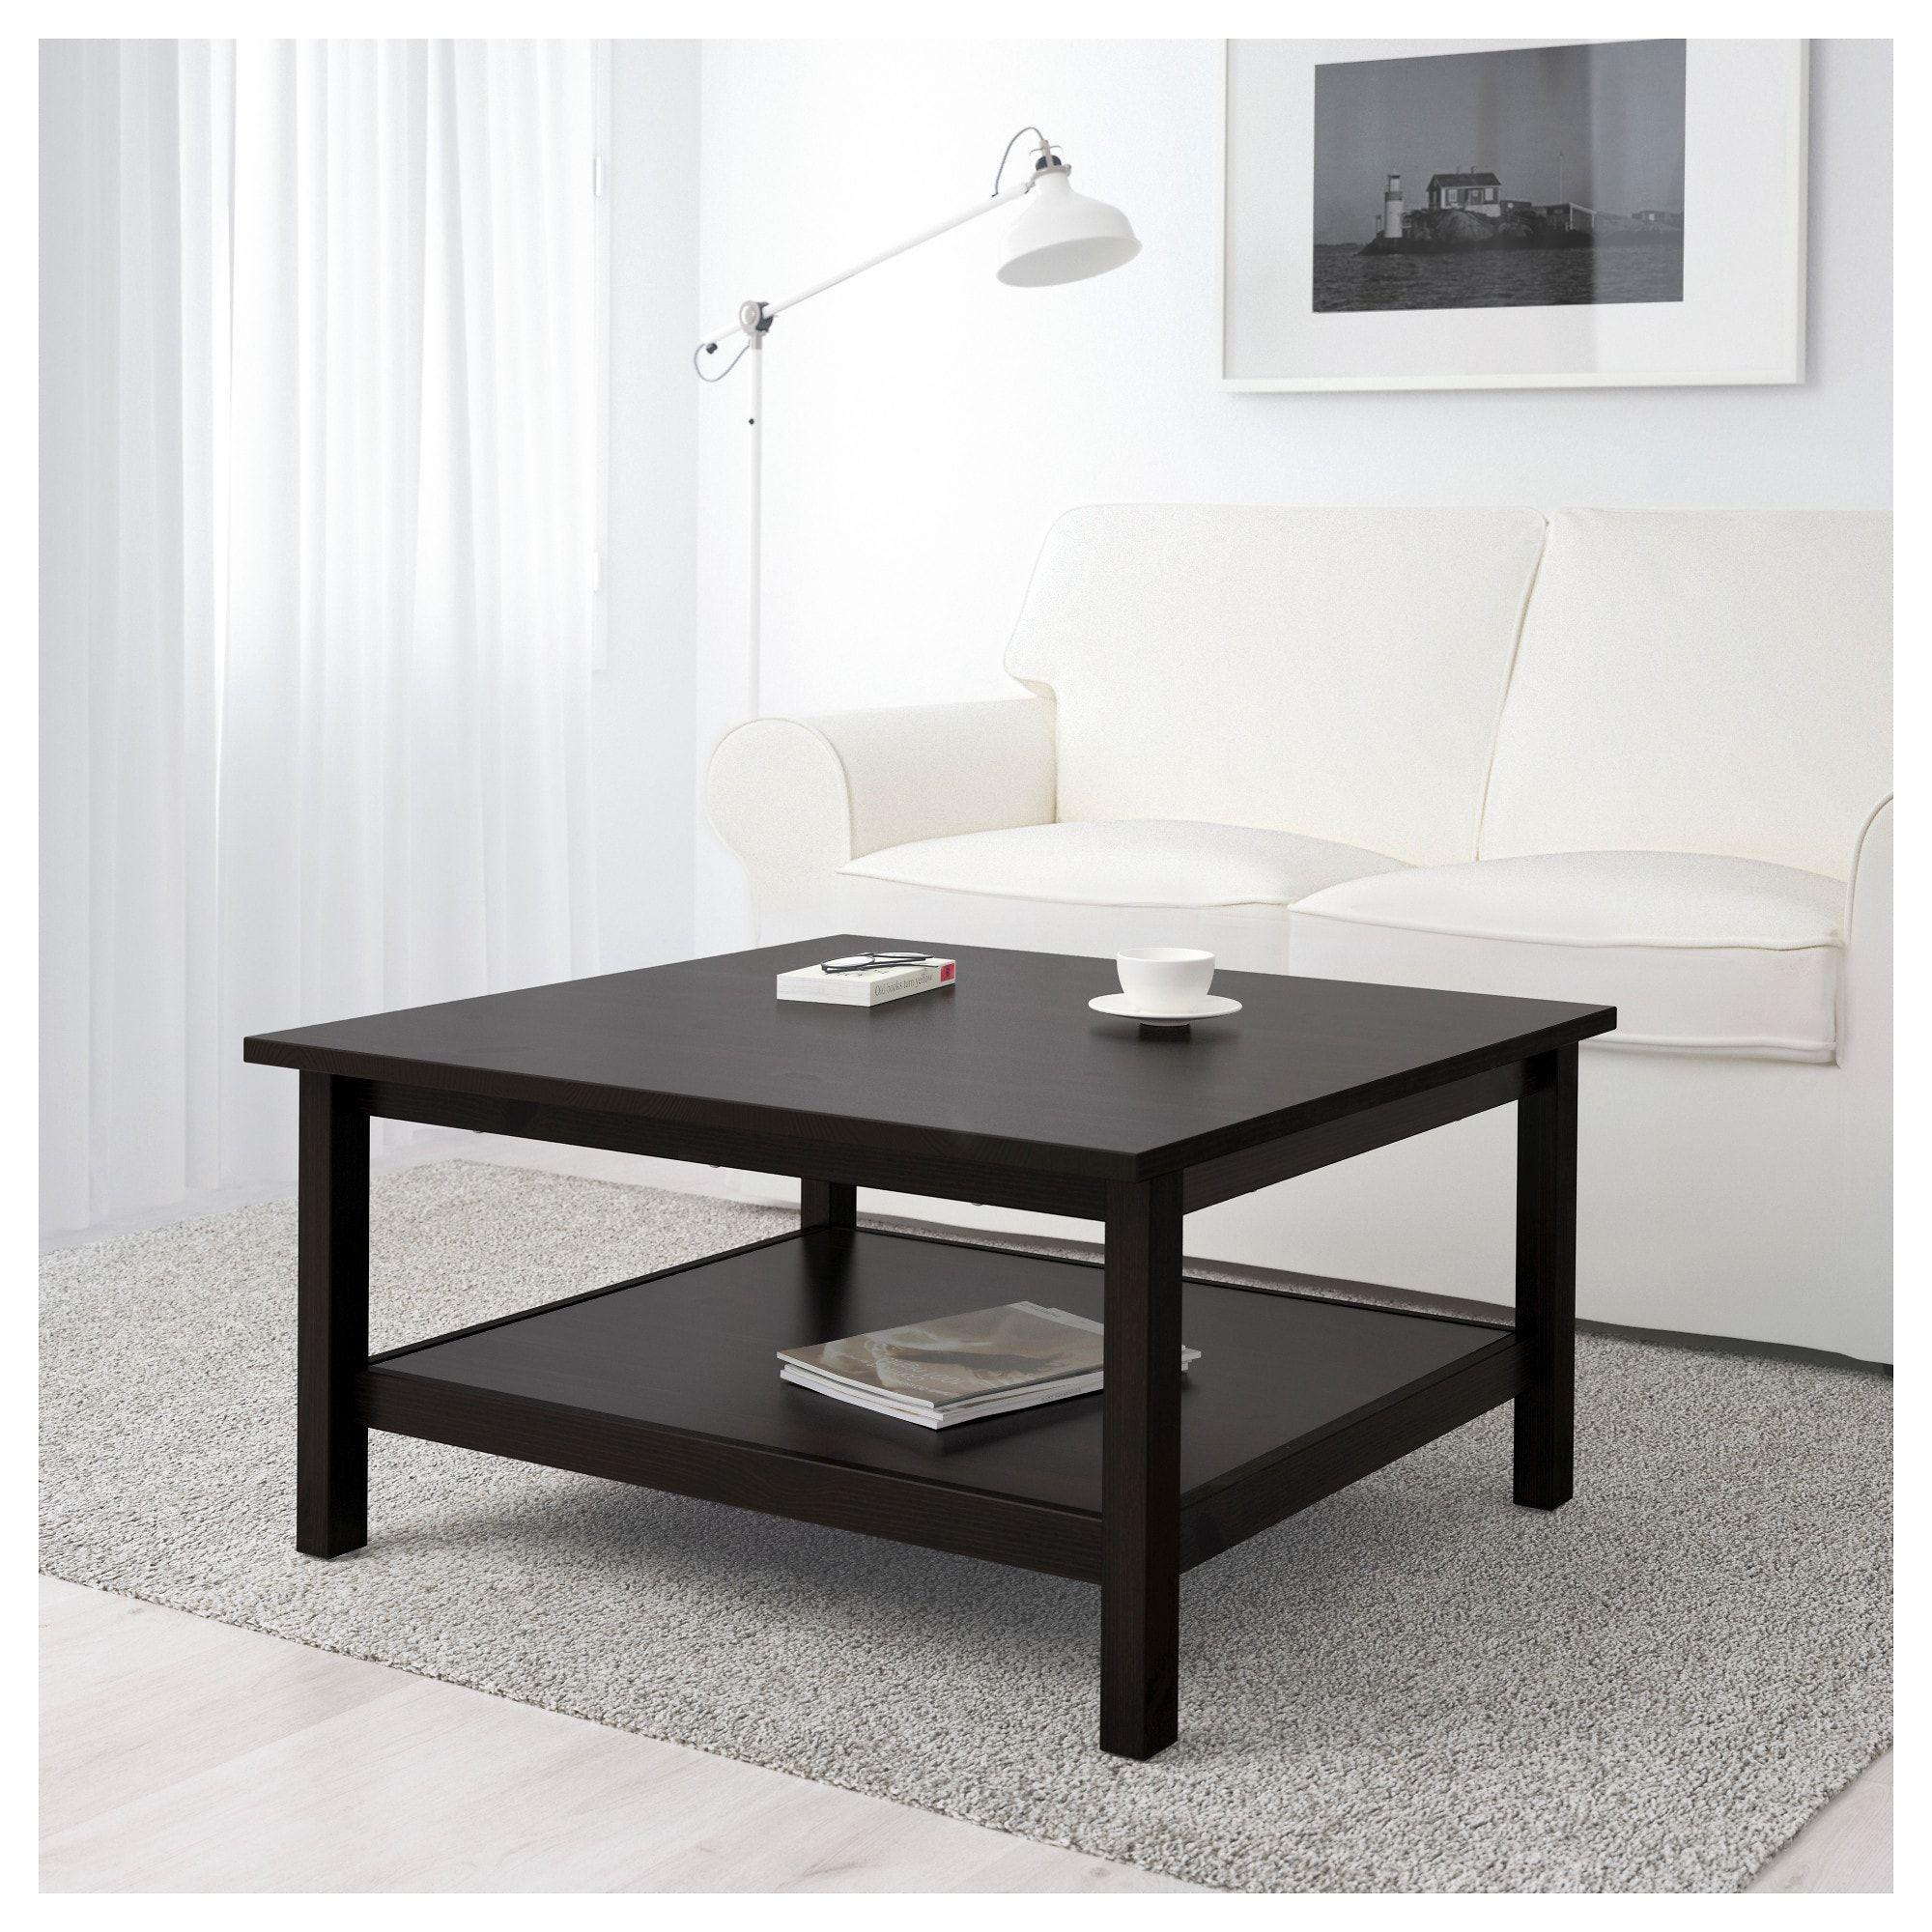 """HEMNES Coffee table blackbrown 35 3/8x35 3/8 """" in 2020"""